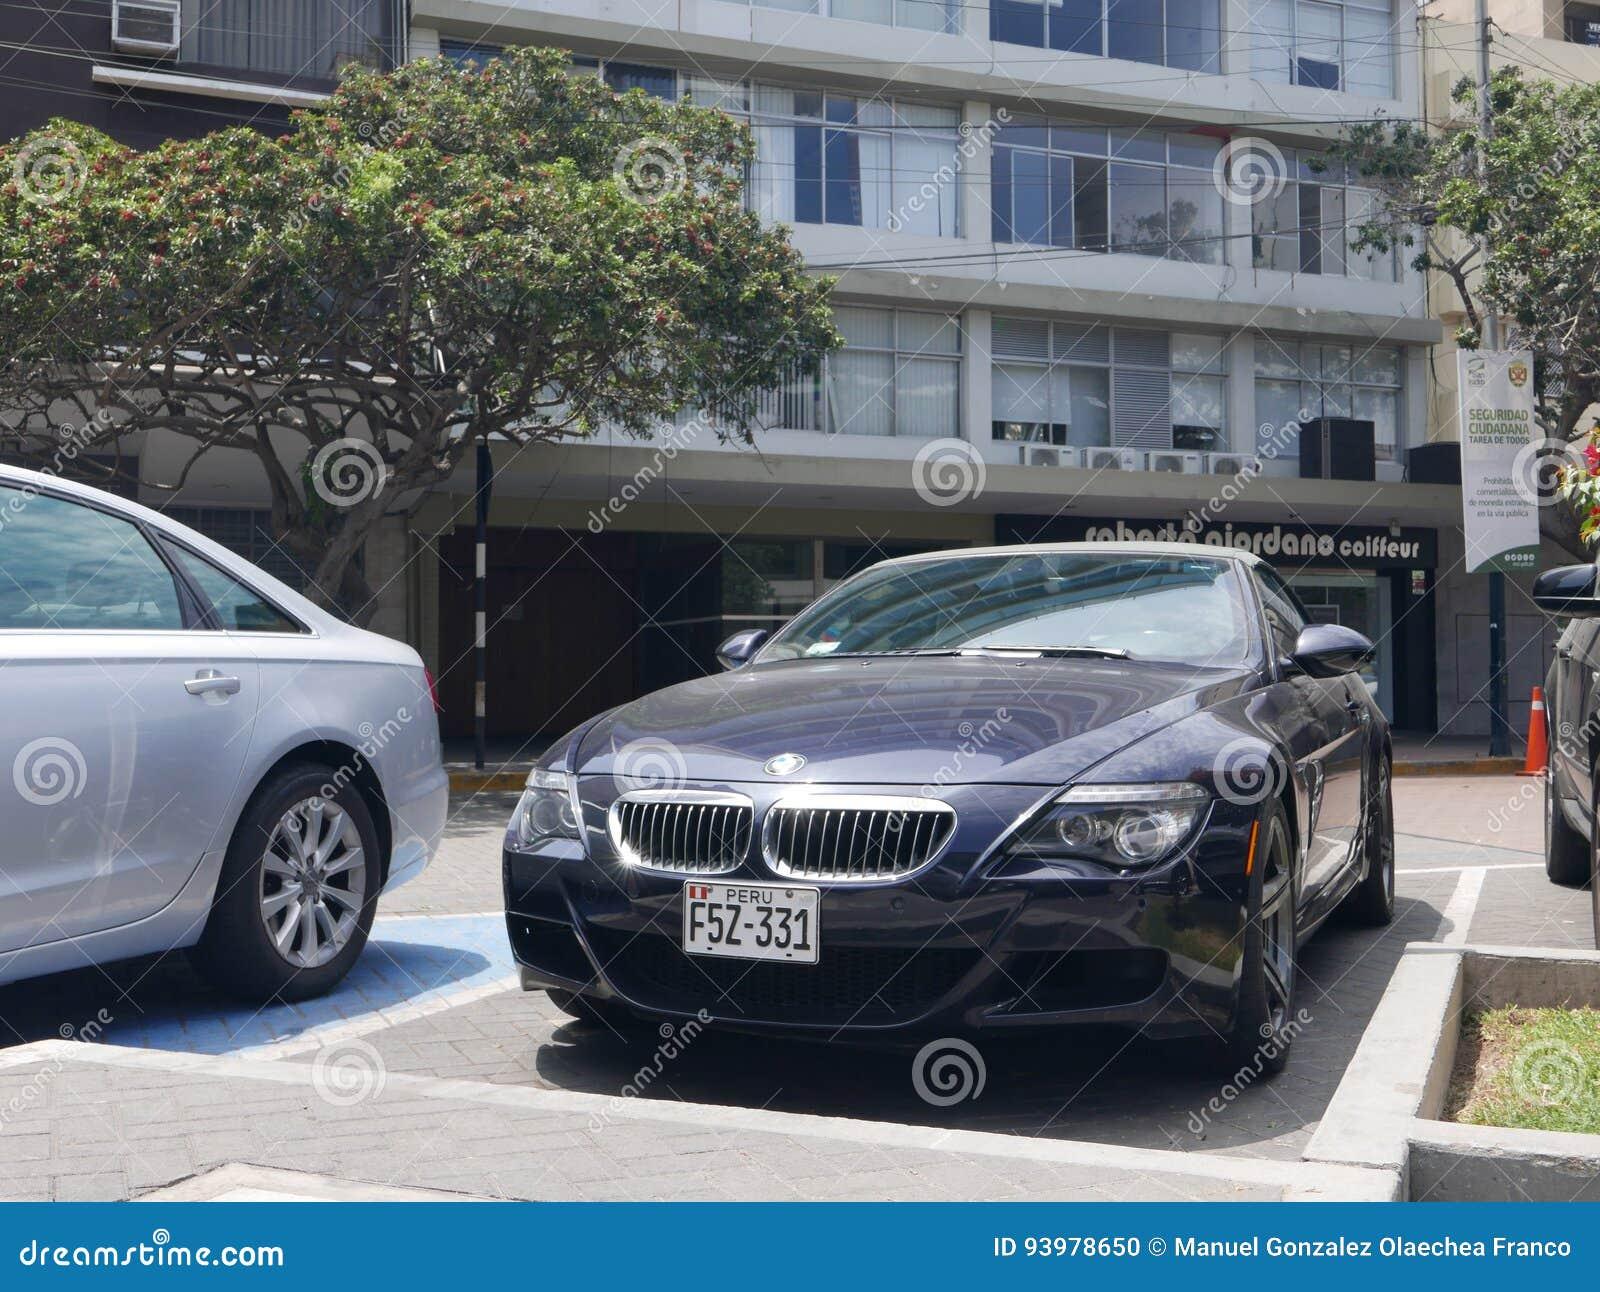 Konvertierbares BMW M6 parkte in Bezirk Sans Isidro, Lima